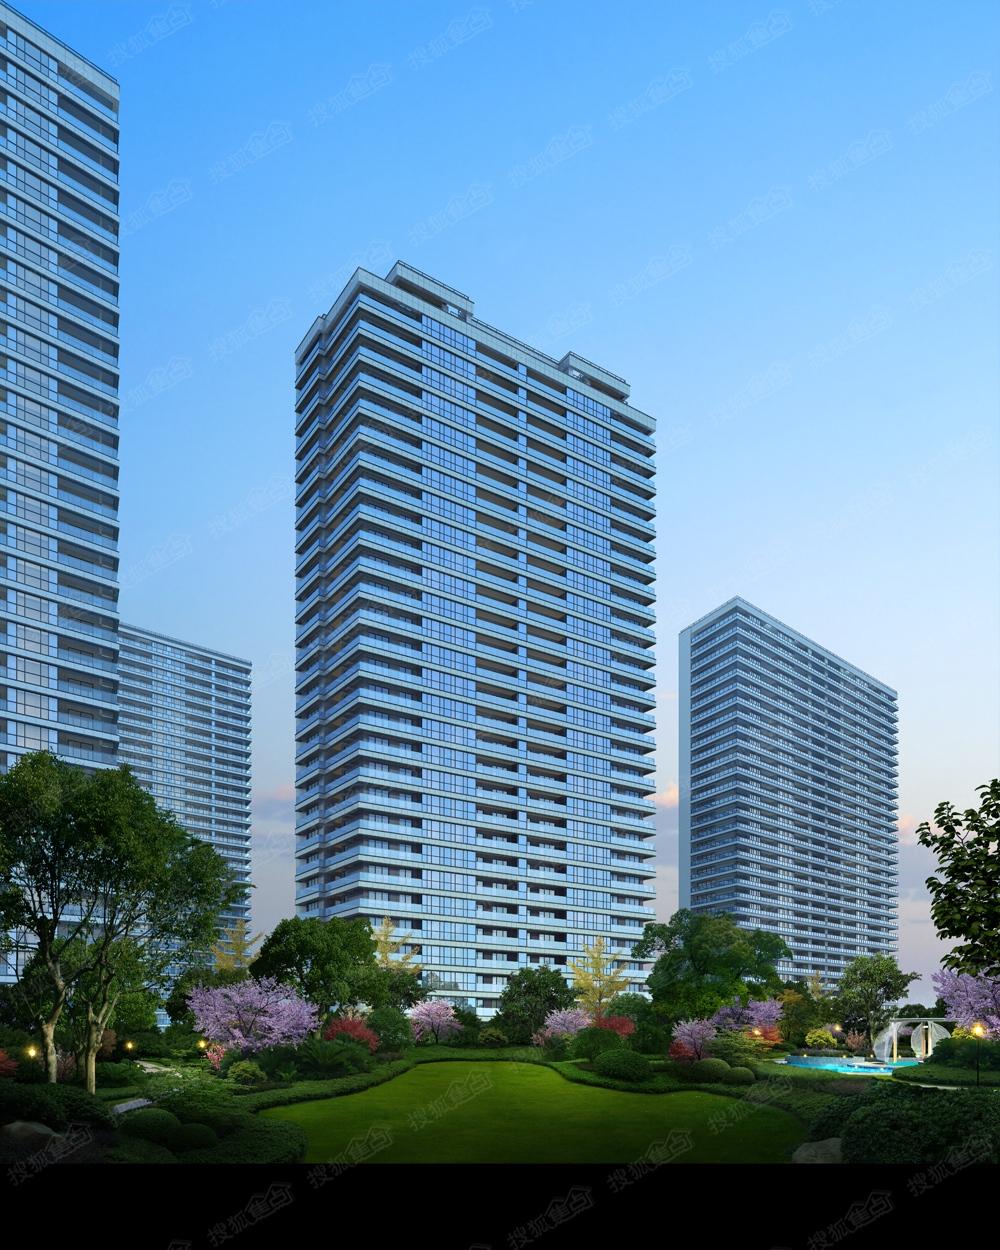 均价直降2000?!杭州这个区域迎来房价松动?项目将扎堆入市